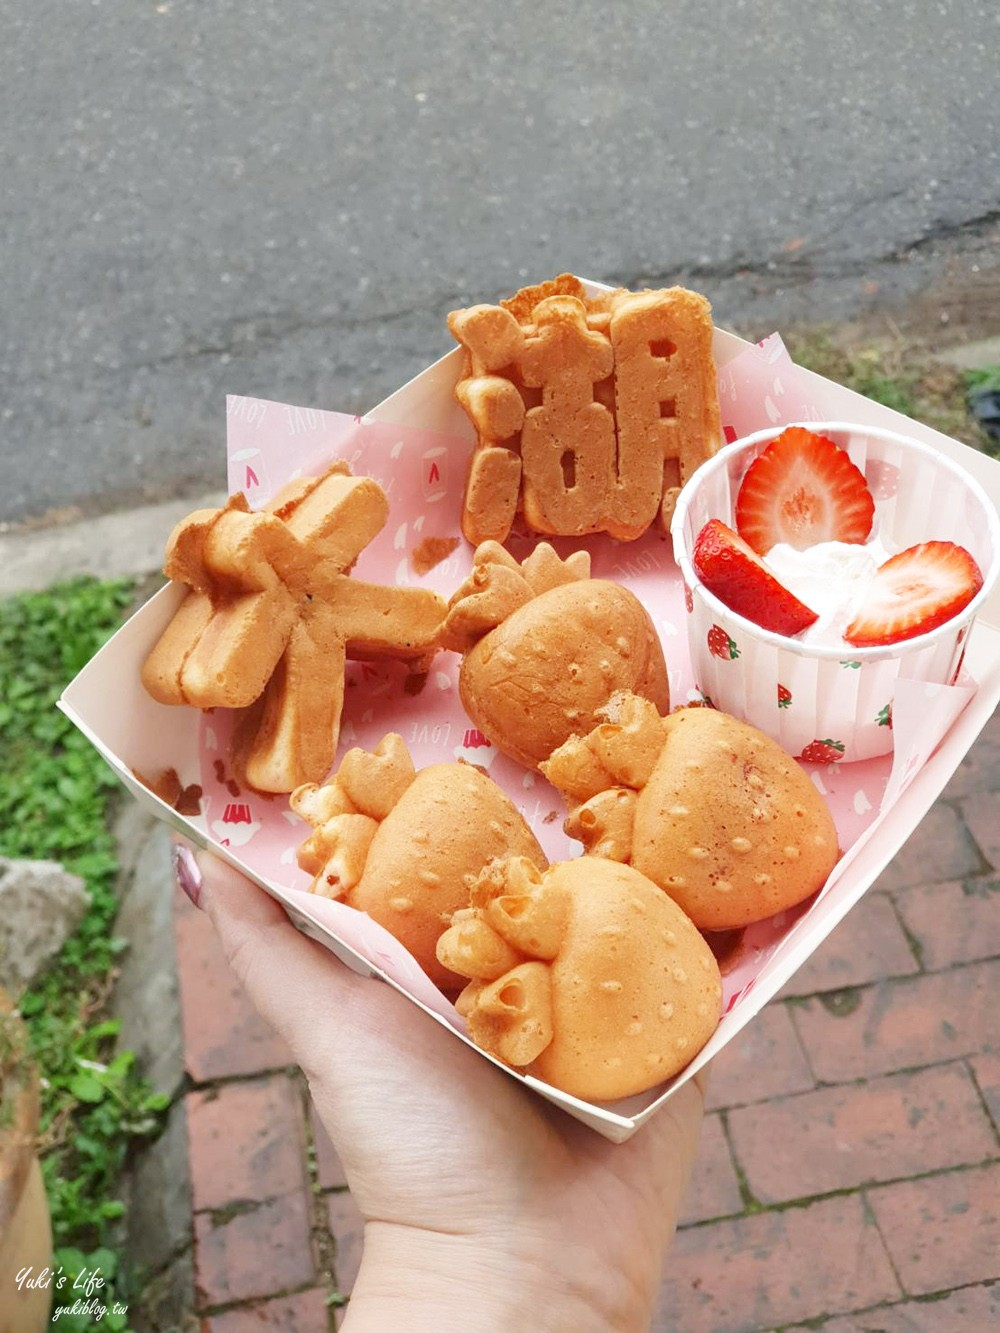 苗栗「Hen厚食雞蛋糕」大湖草莓造型雞蛋糕~超可愛的粉色少女系甜點 - yukiblog.tw